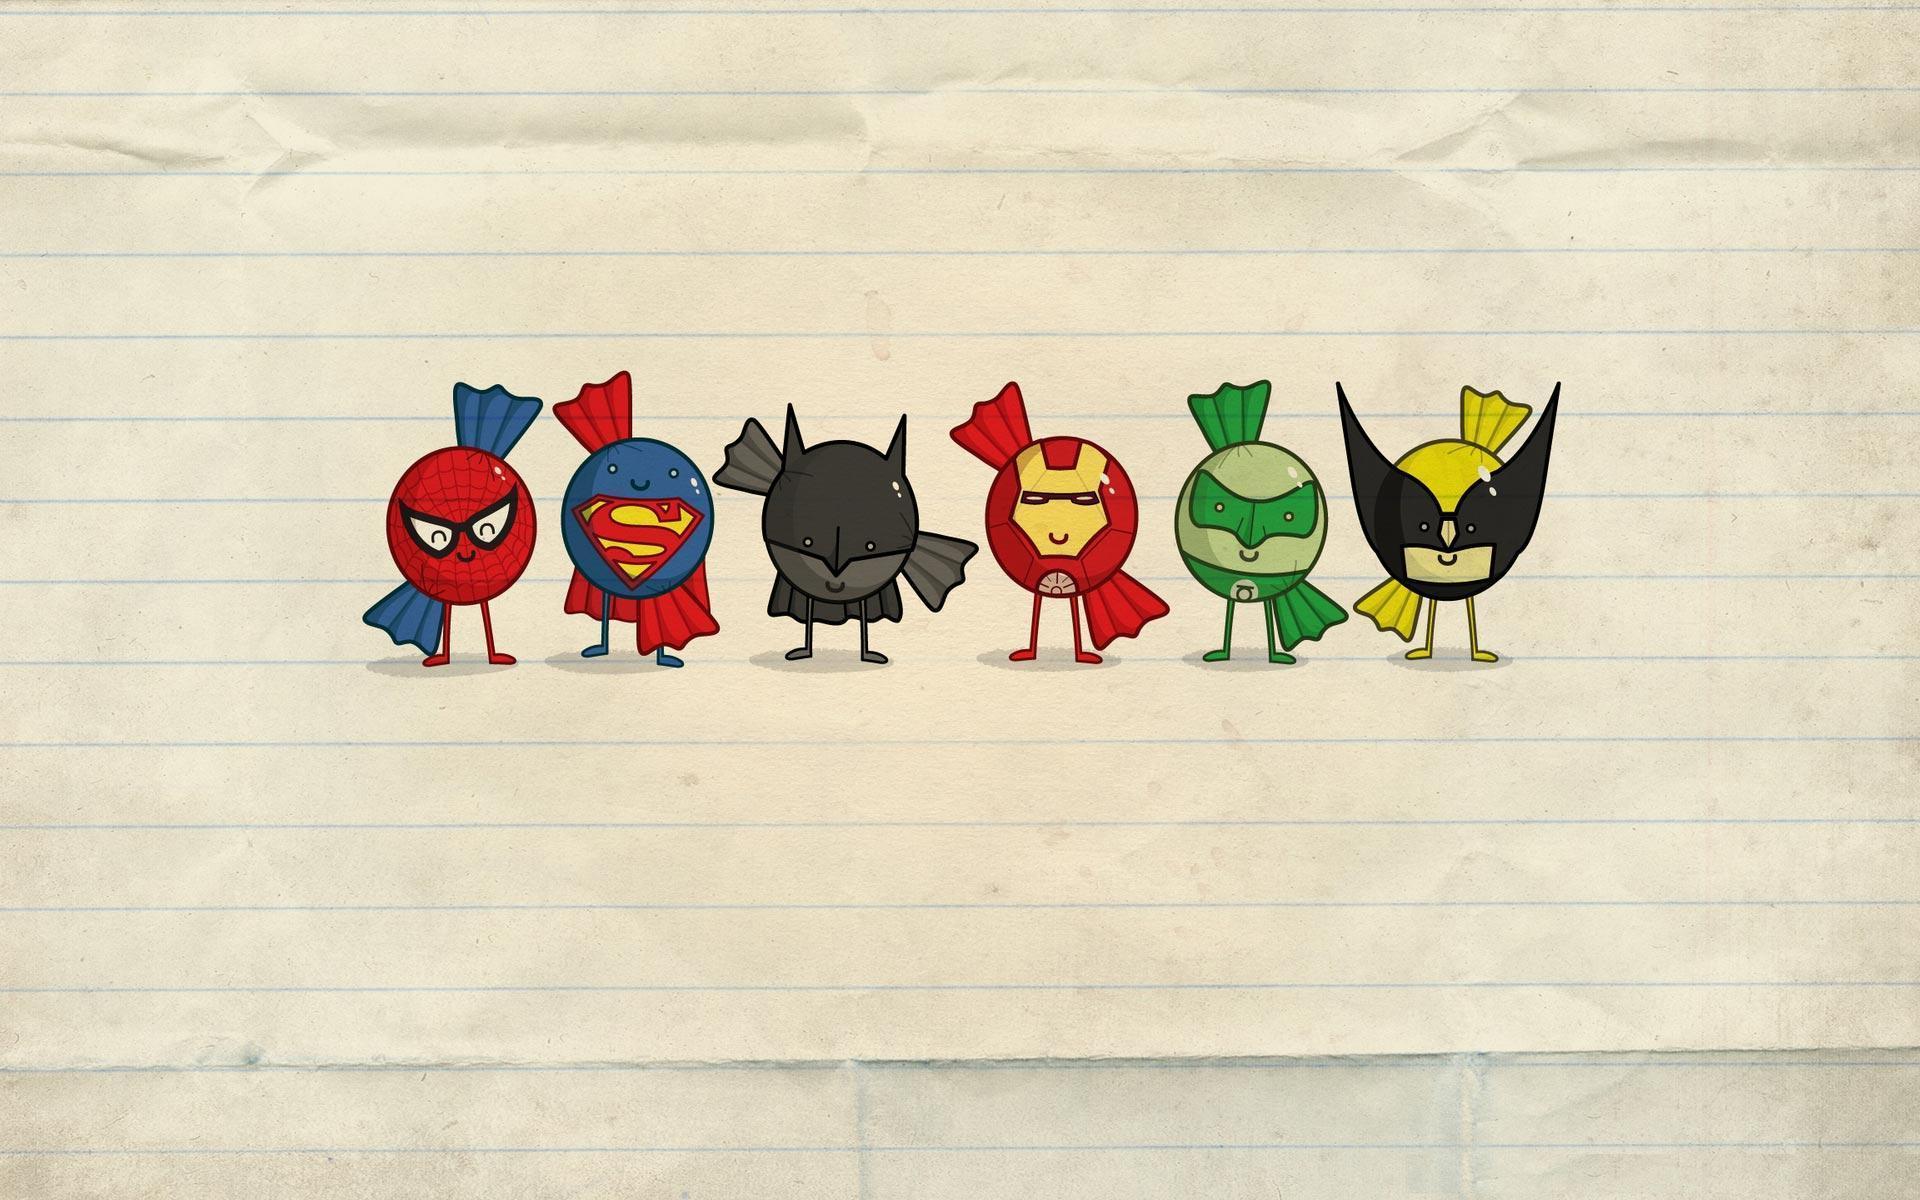 Hd wallpaper hero - Superhero Wallpaper 855666